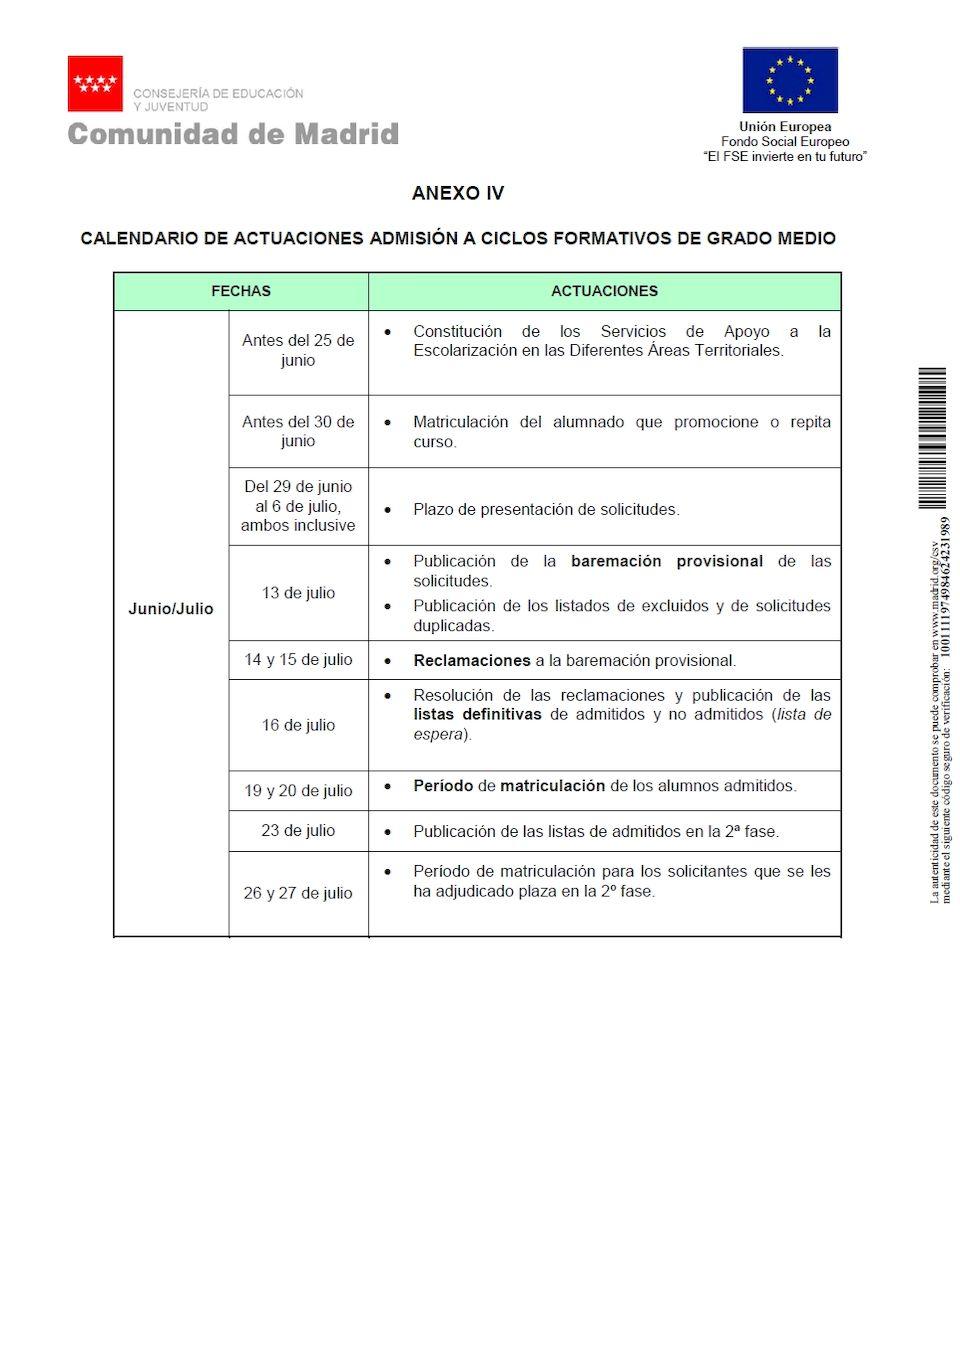 CFGM Anexo II - Calendario de actuaciones